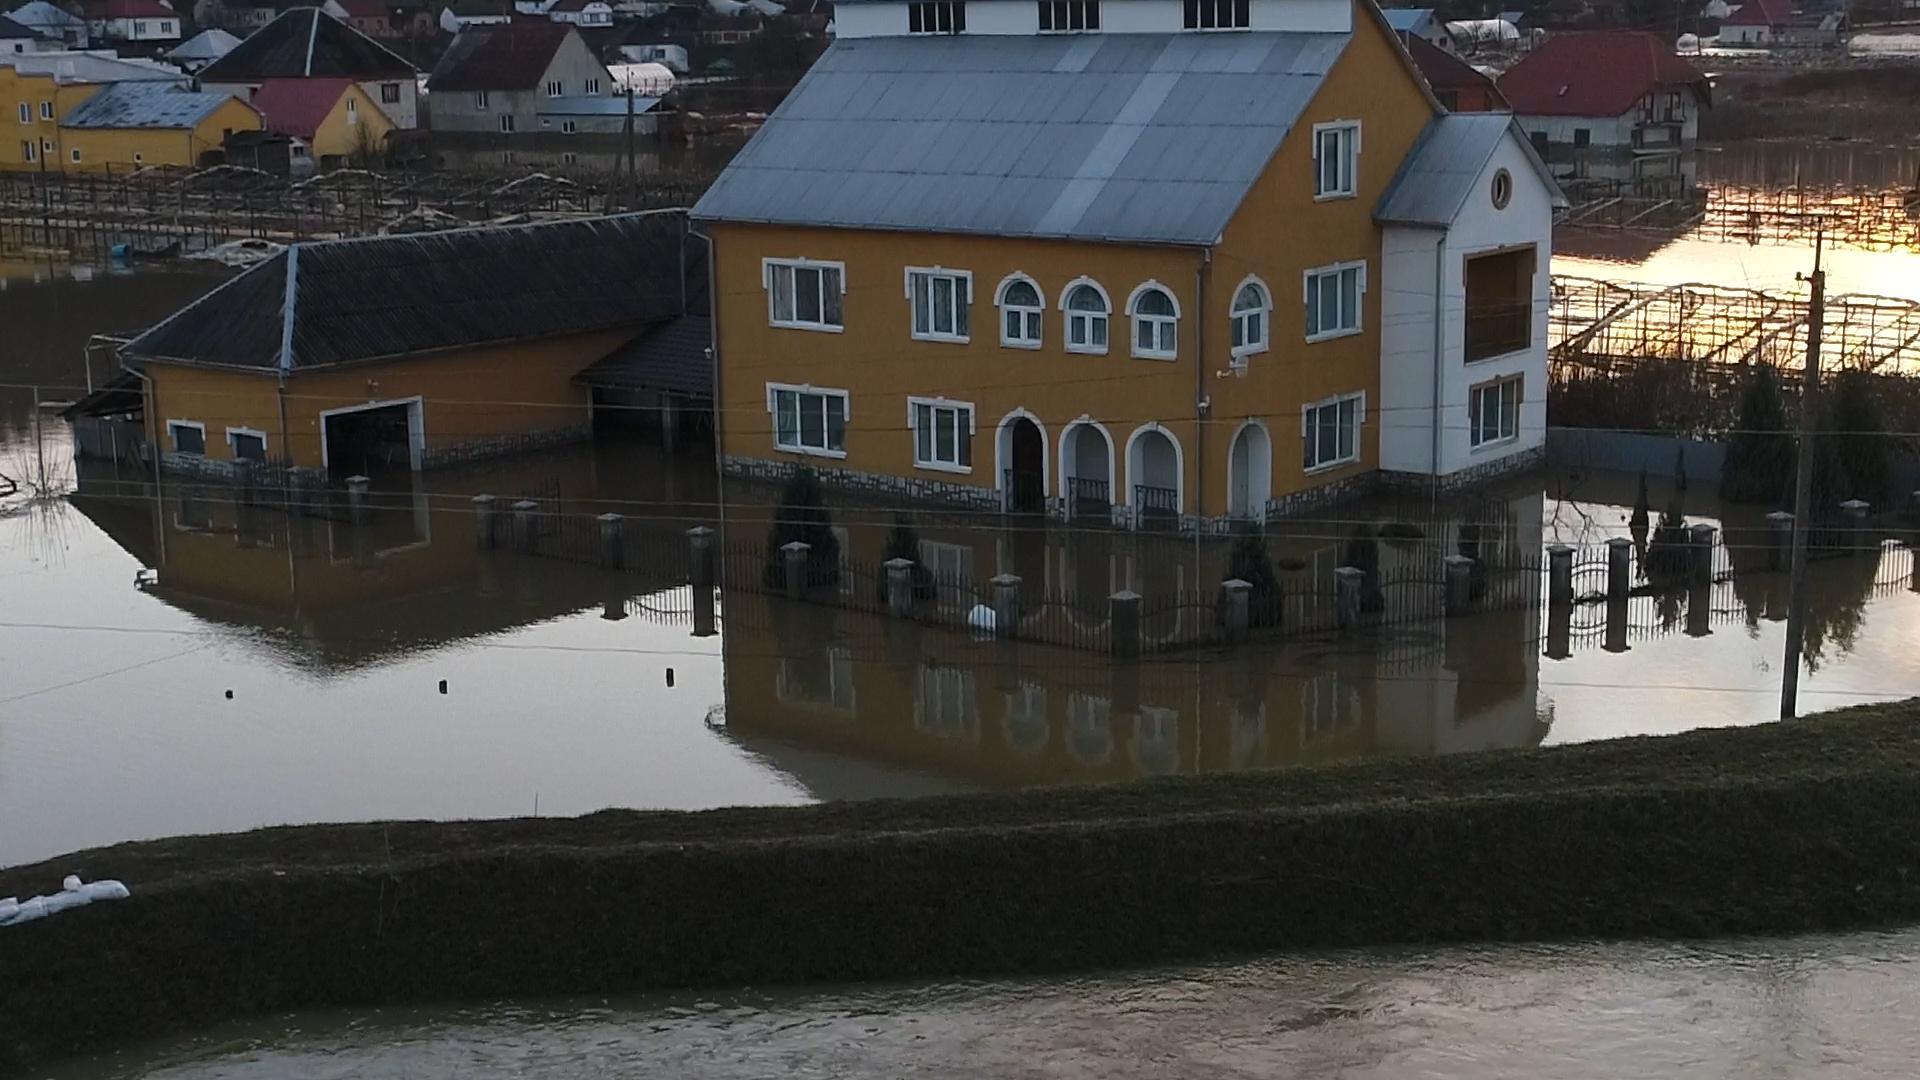 Паводок у Вільхівці: вода ринула на ту частину села, яку, вважали паводок не зачепить